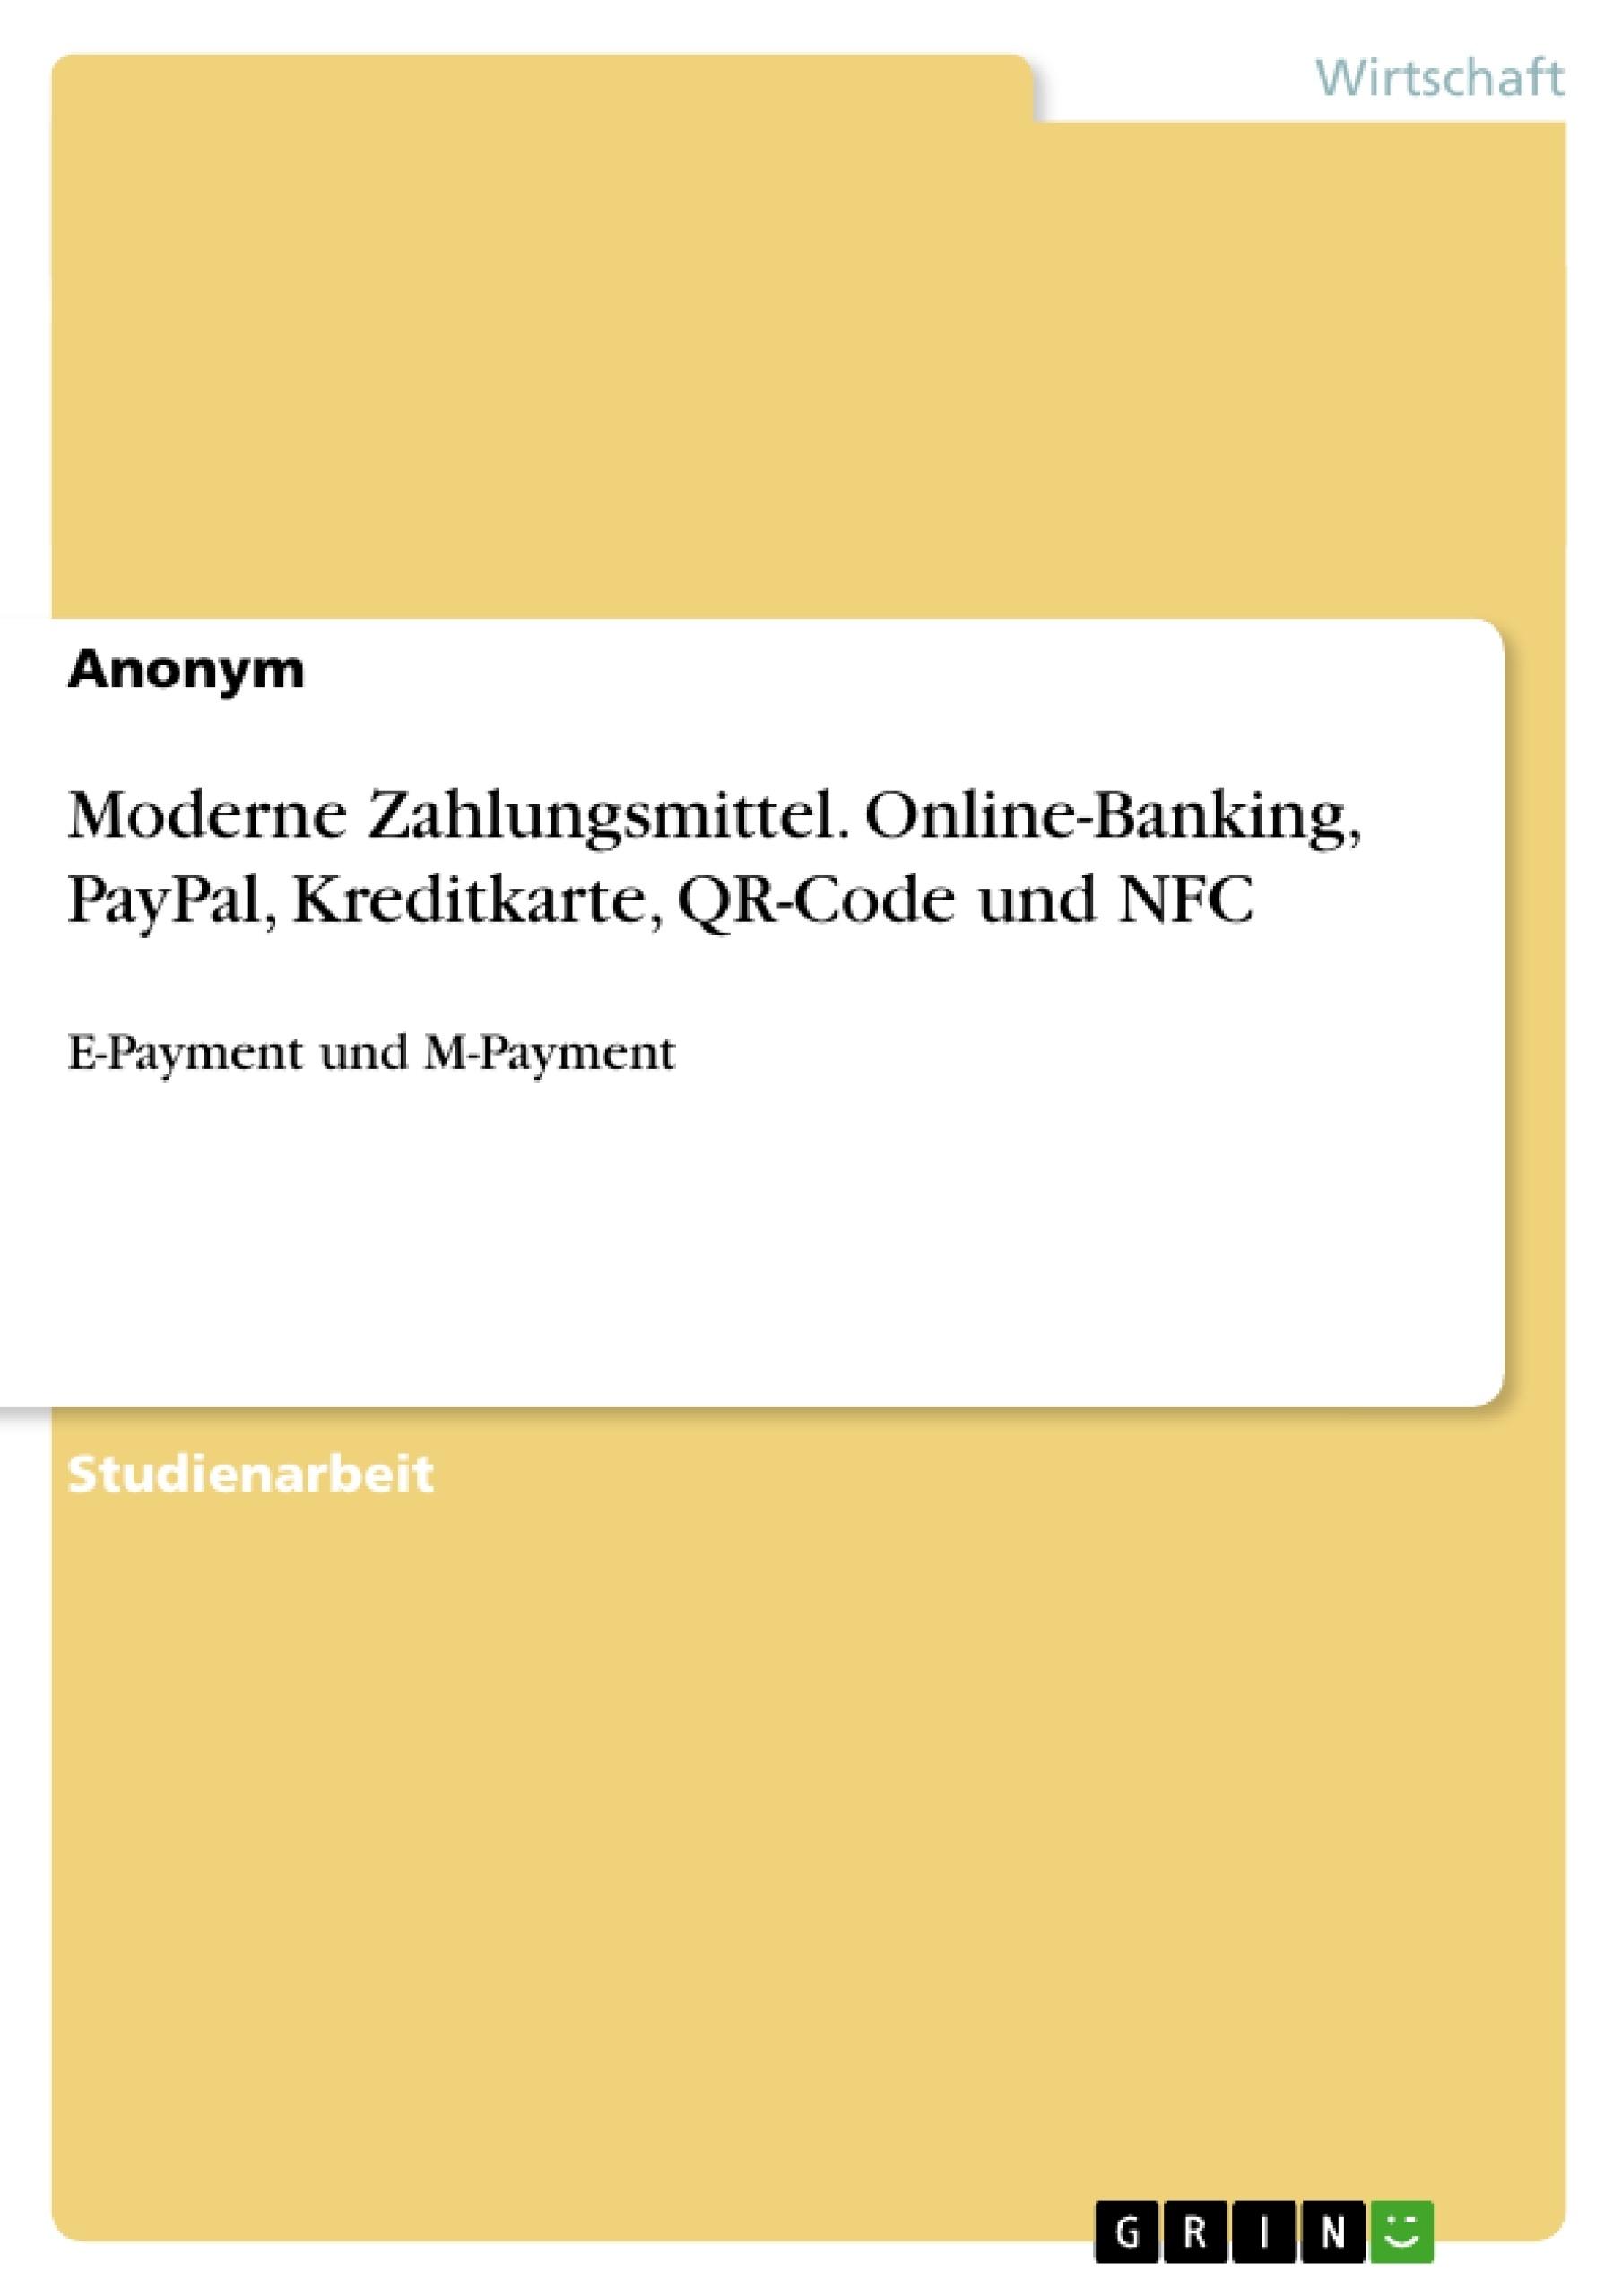 Titel: Moderne Zahlungsmittel. Online-Banking, PayPal, Kreditkarte, QR-Code und NFC